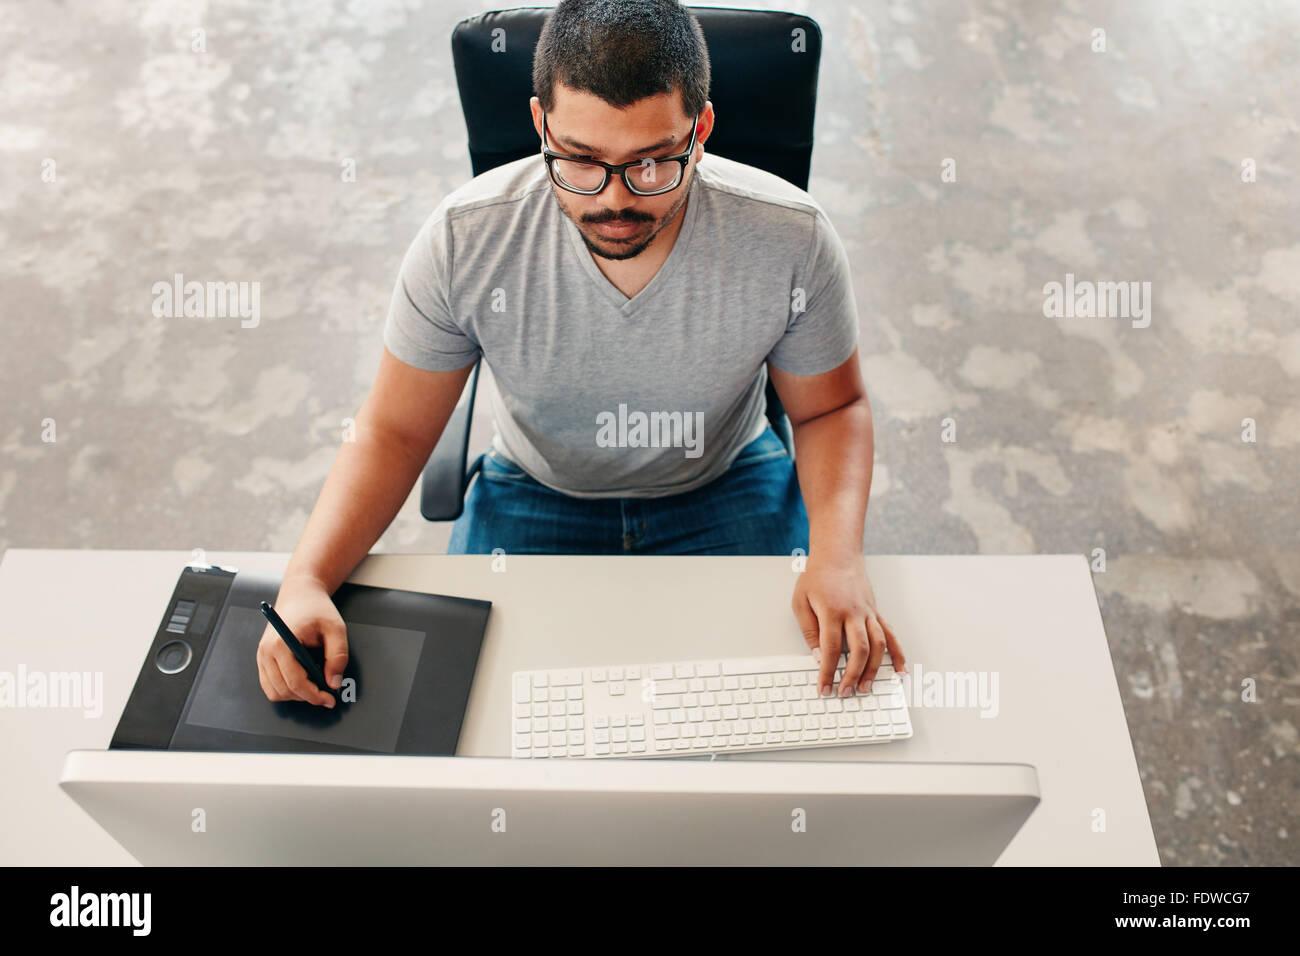 Angolo di alta immagine del giovane uomo usando una penna e tavoletta mentre si lavora sul suo computer. Graphic Foto Stock